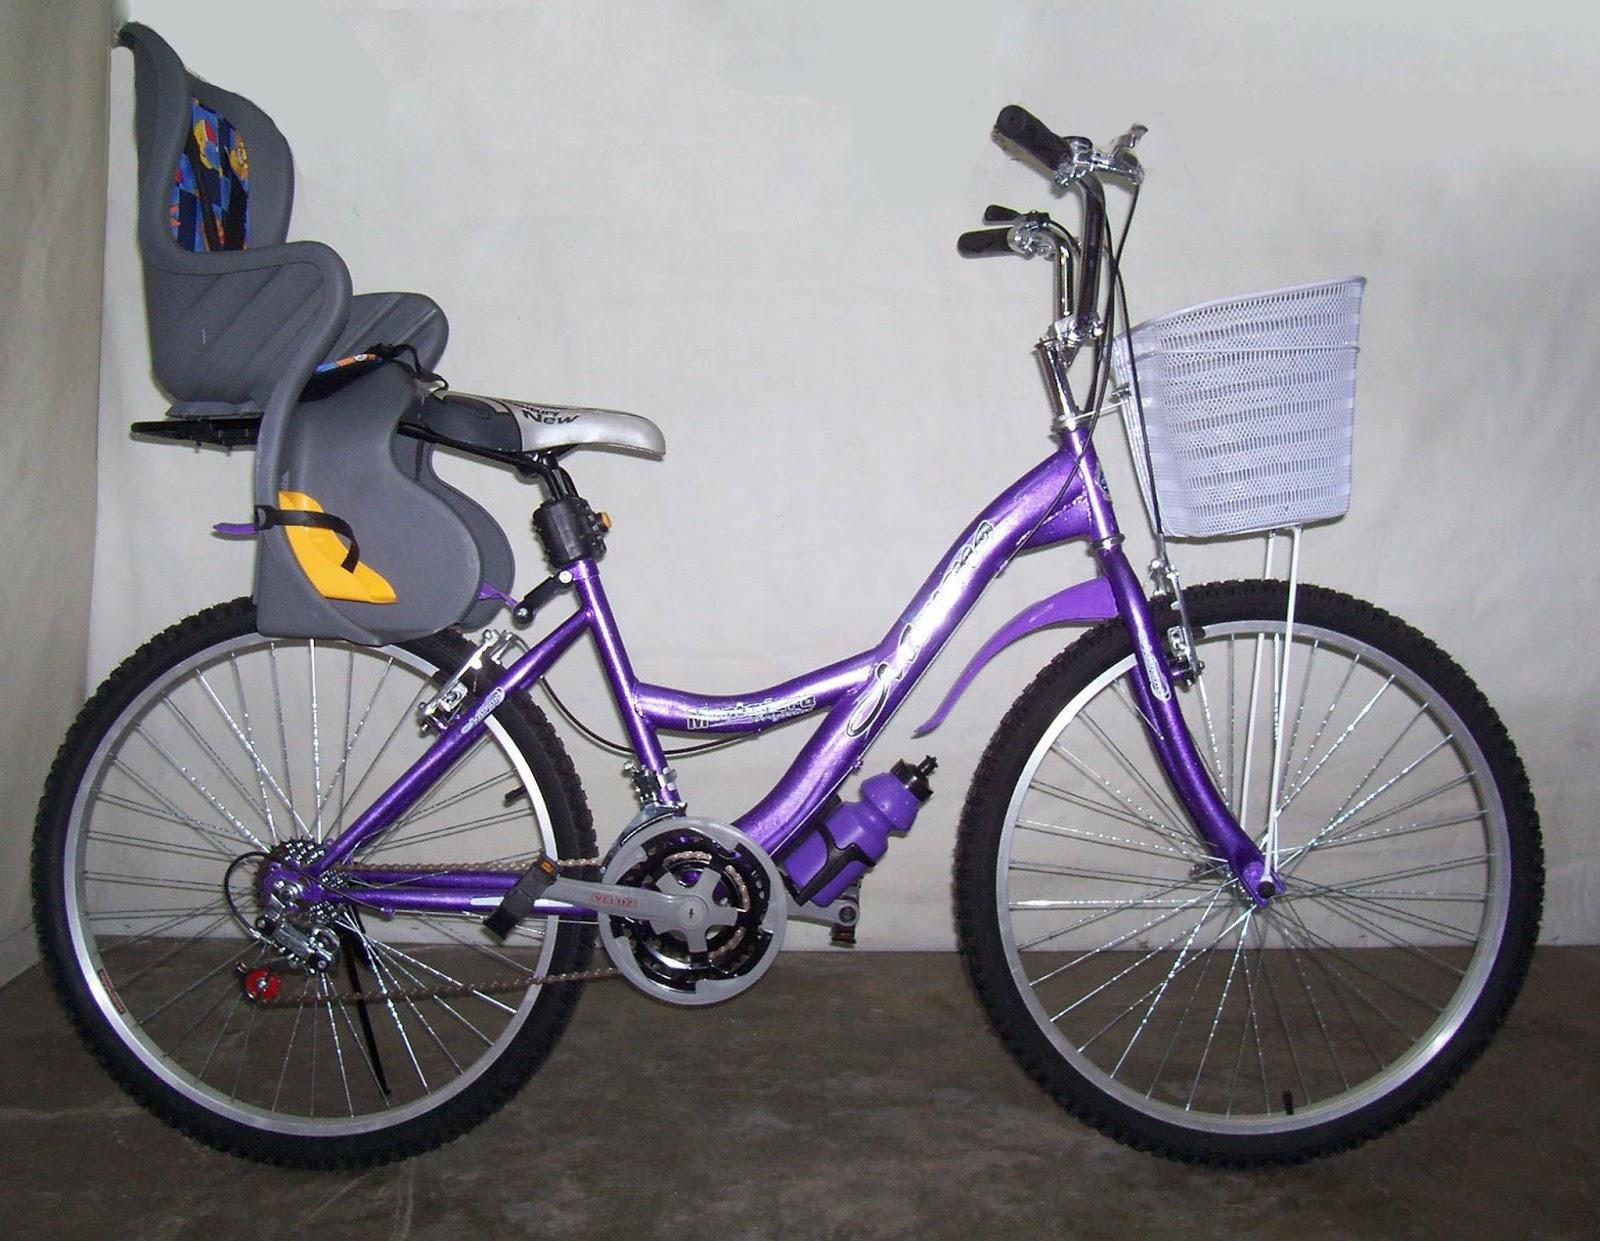 Silla porta bebe p ra bicicleta made in taiwan s 195 00 en mercado libre - Silla portabebes bicicleta ...